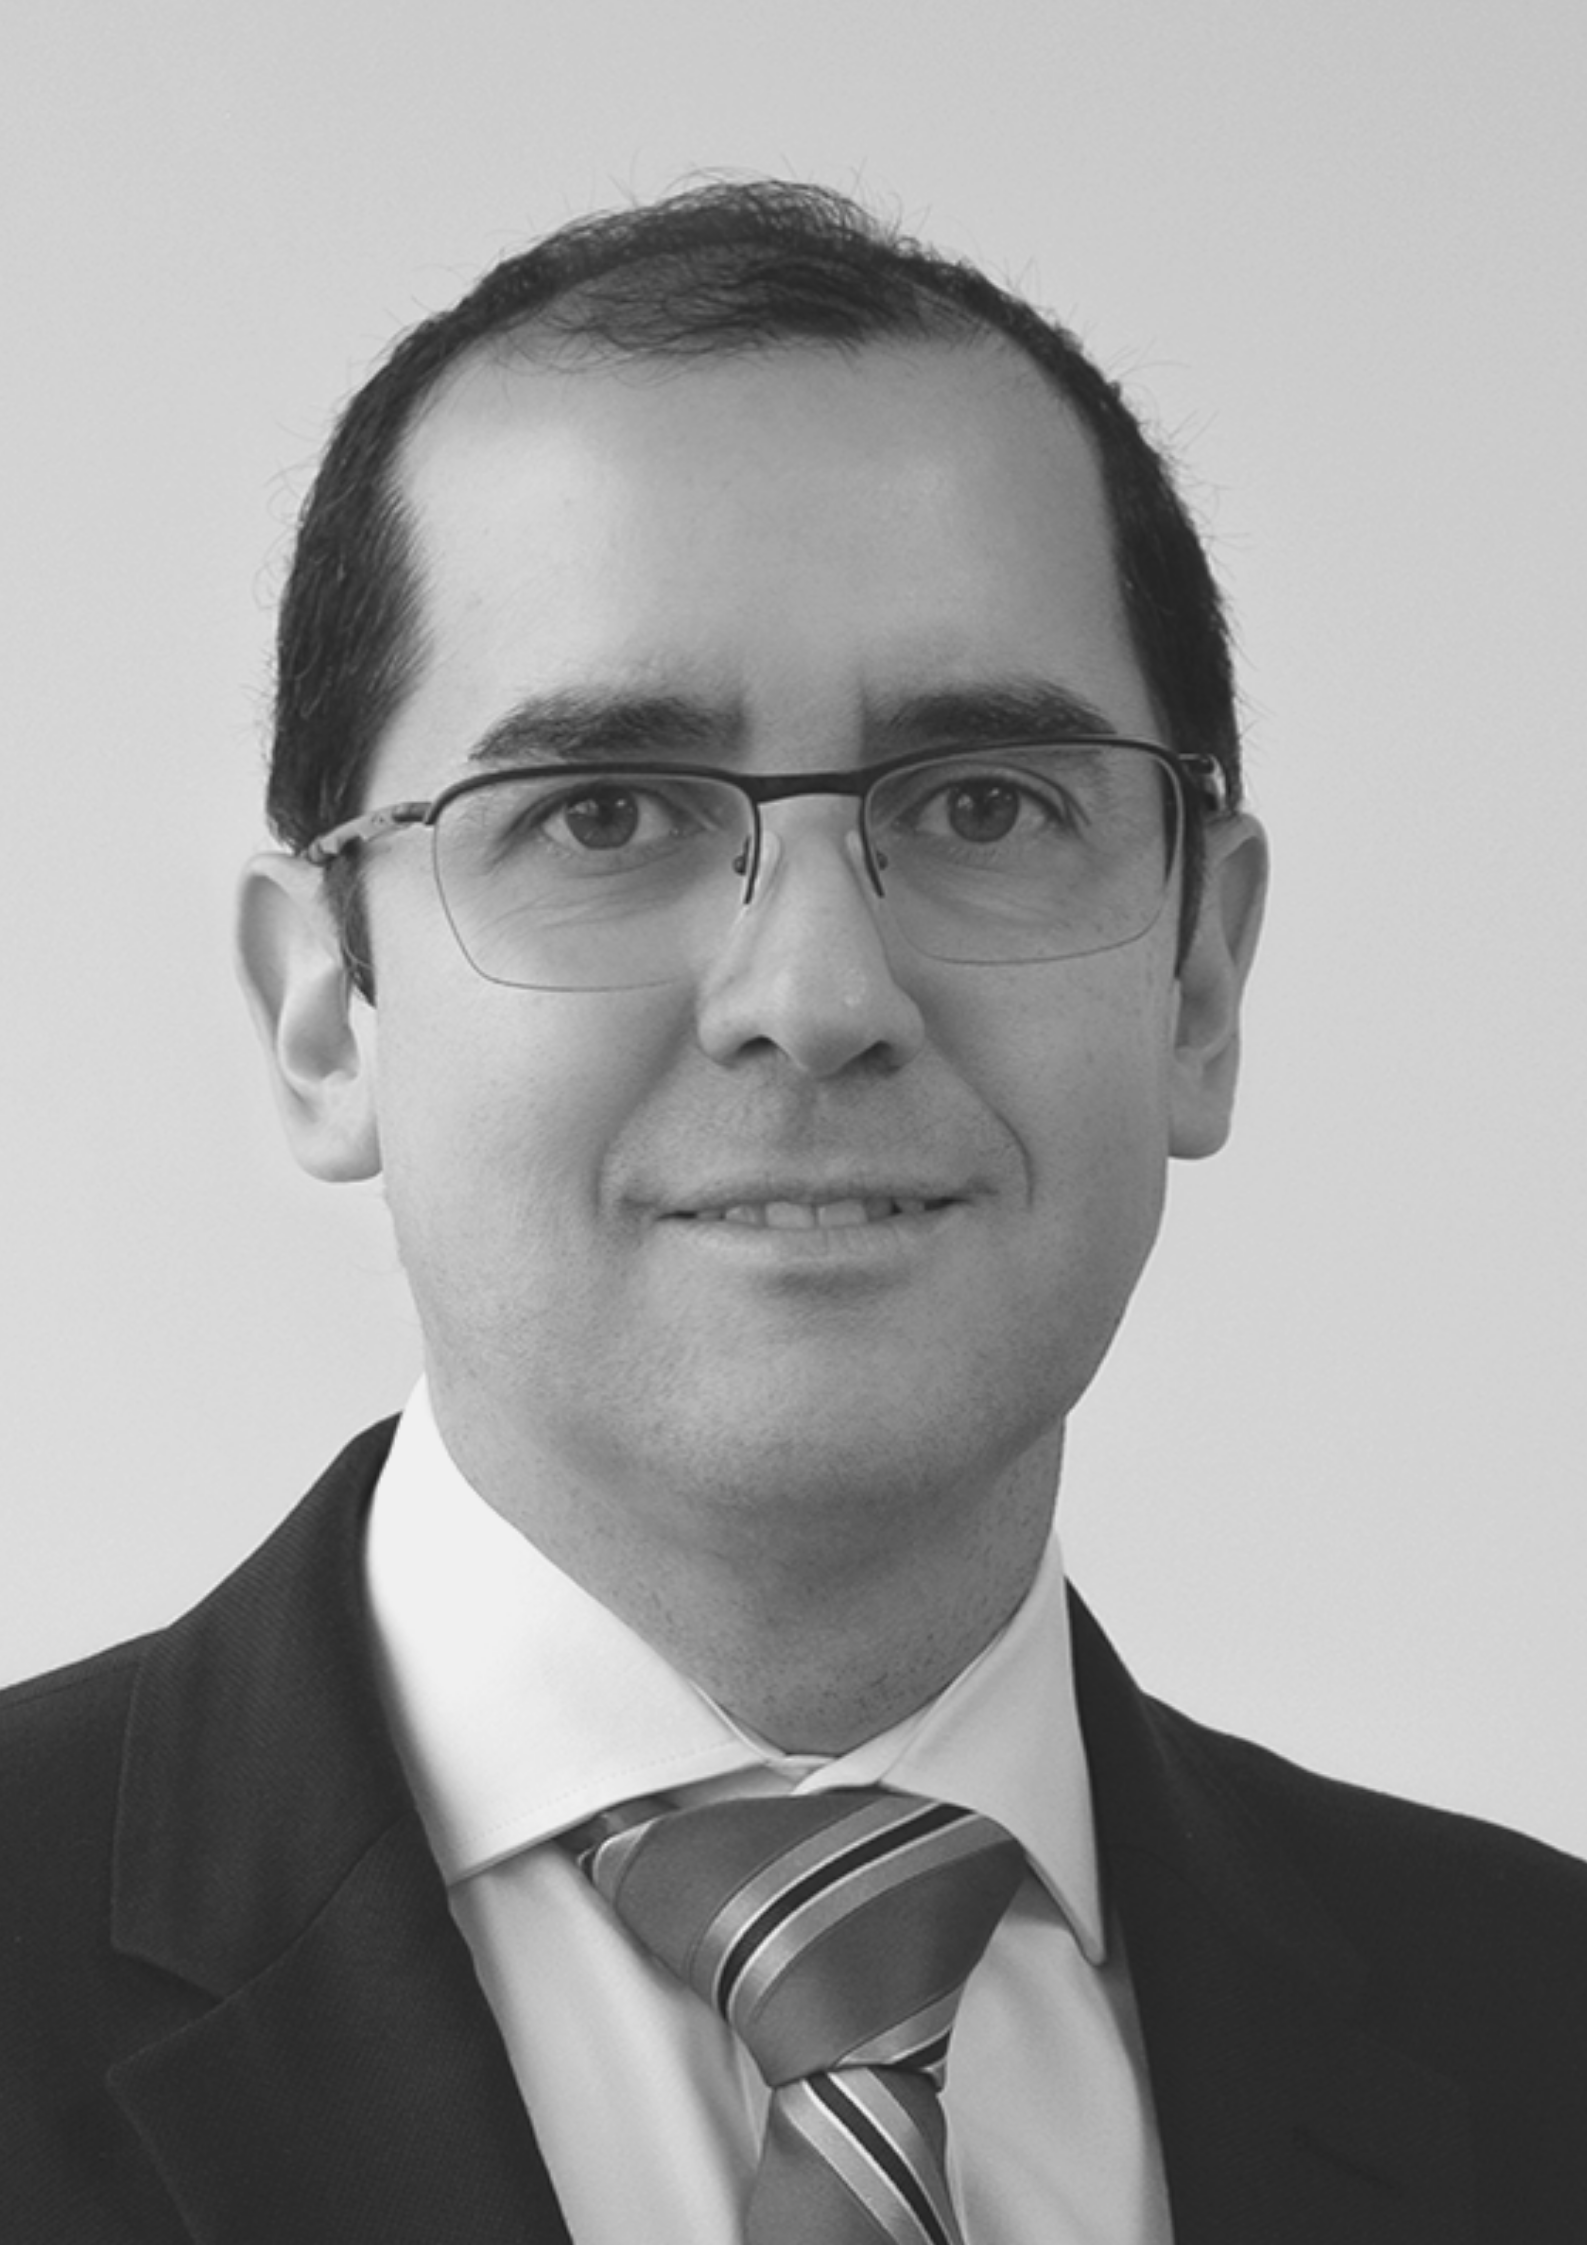 Roberto Santiváñez